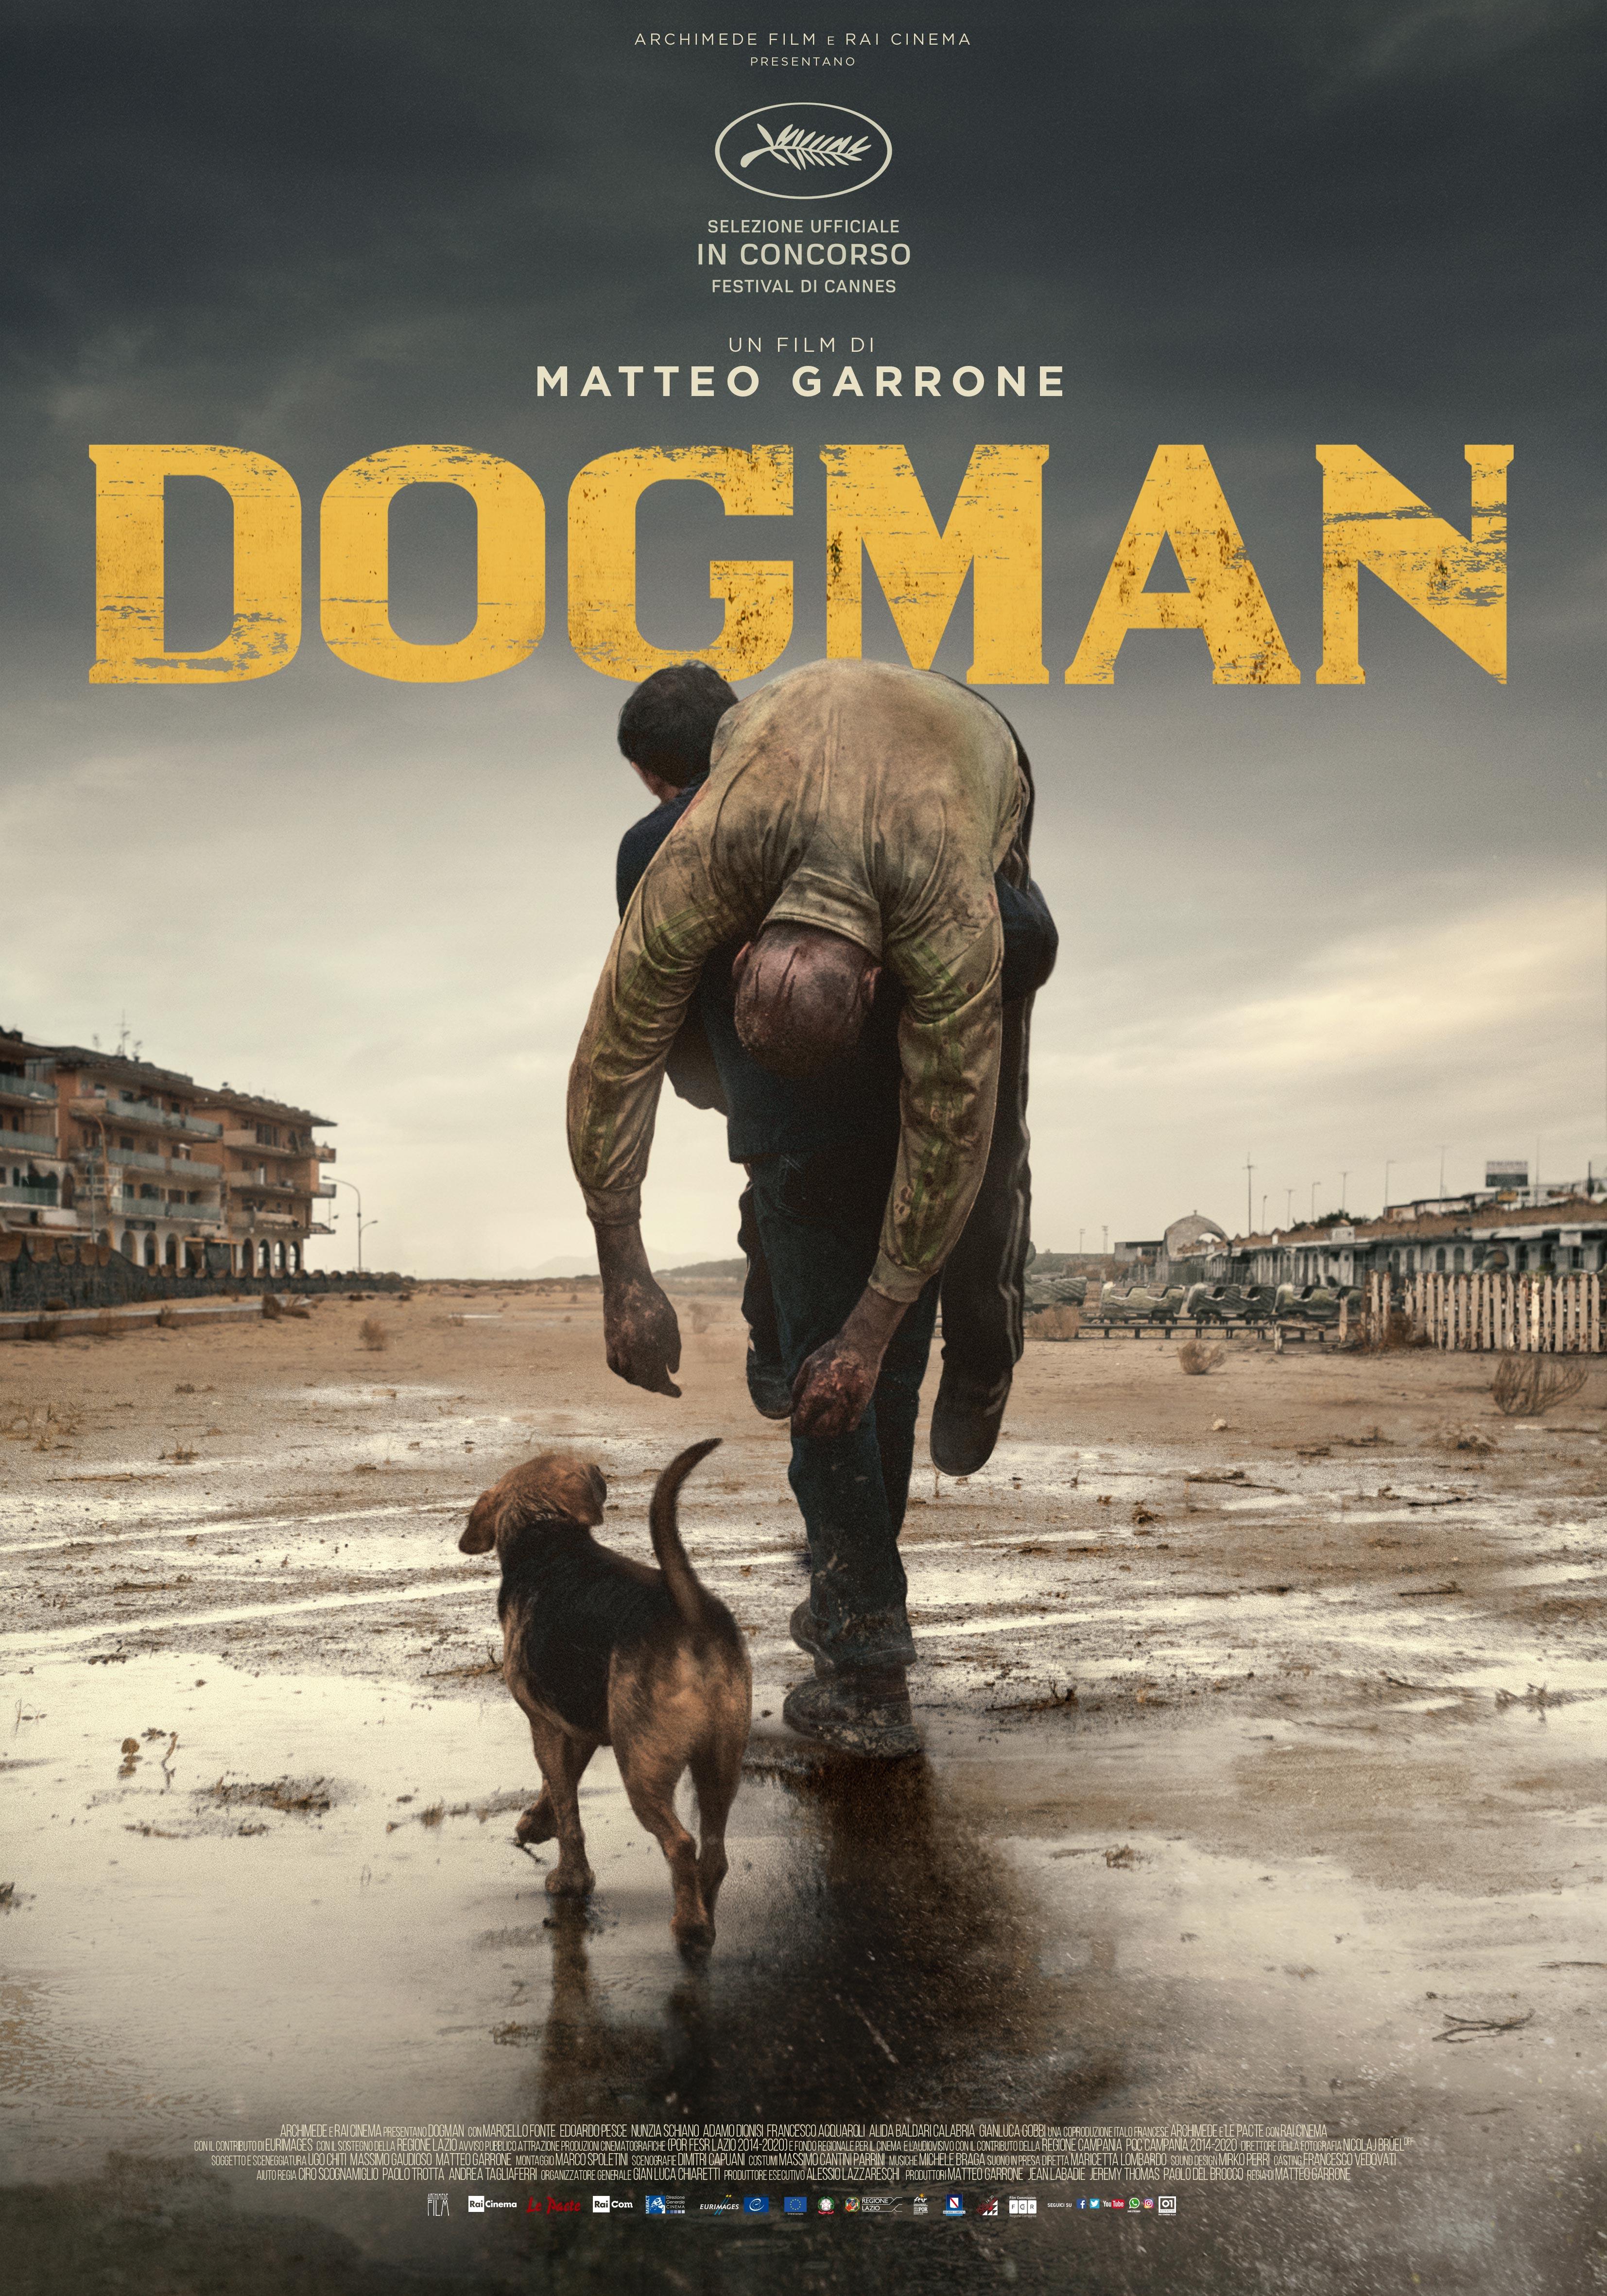 """{focus_keyword} """"Dogman"""", în regia lui Matteo Garrone, triplu-laureat la Premiile Academiei Europene de Film - în cinematografele românești din 25 ianuarie 2019 Dogman Poster 1"""